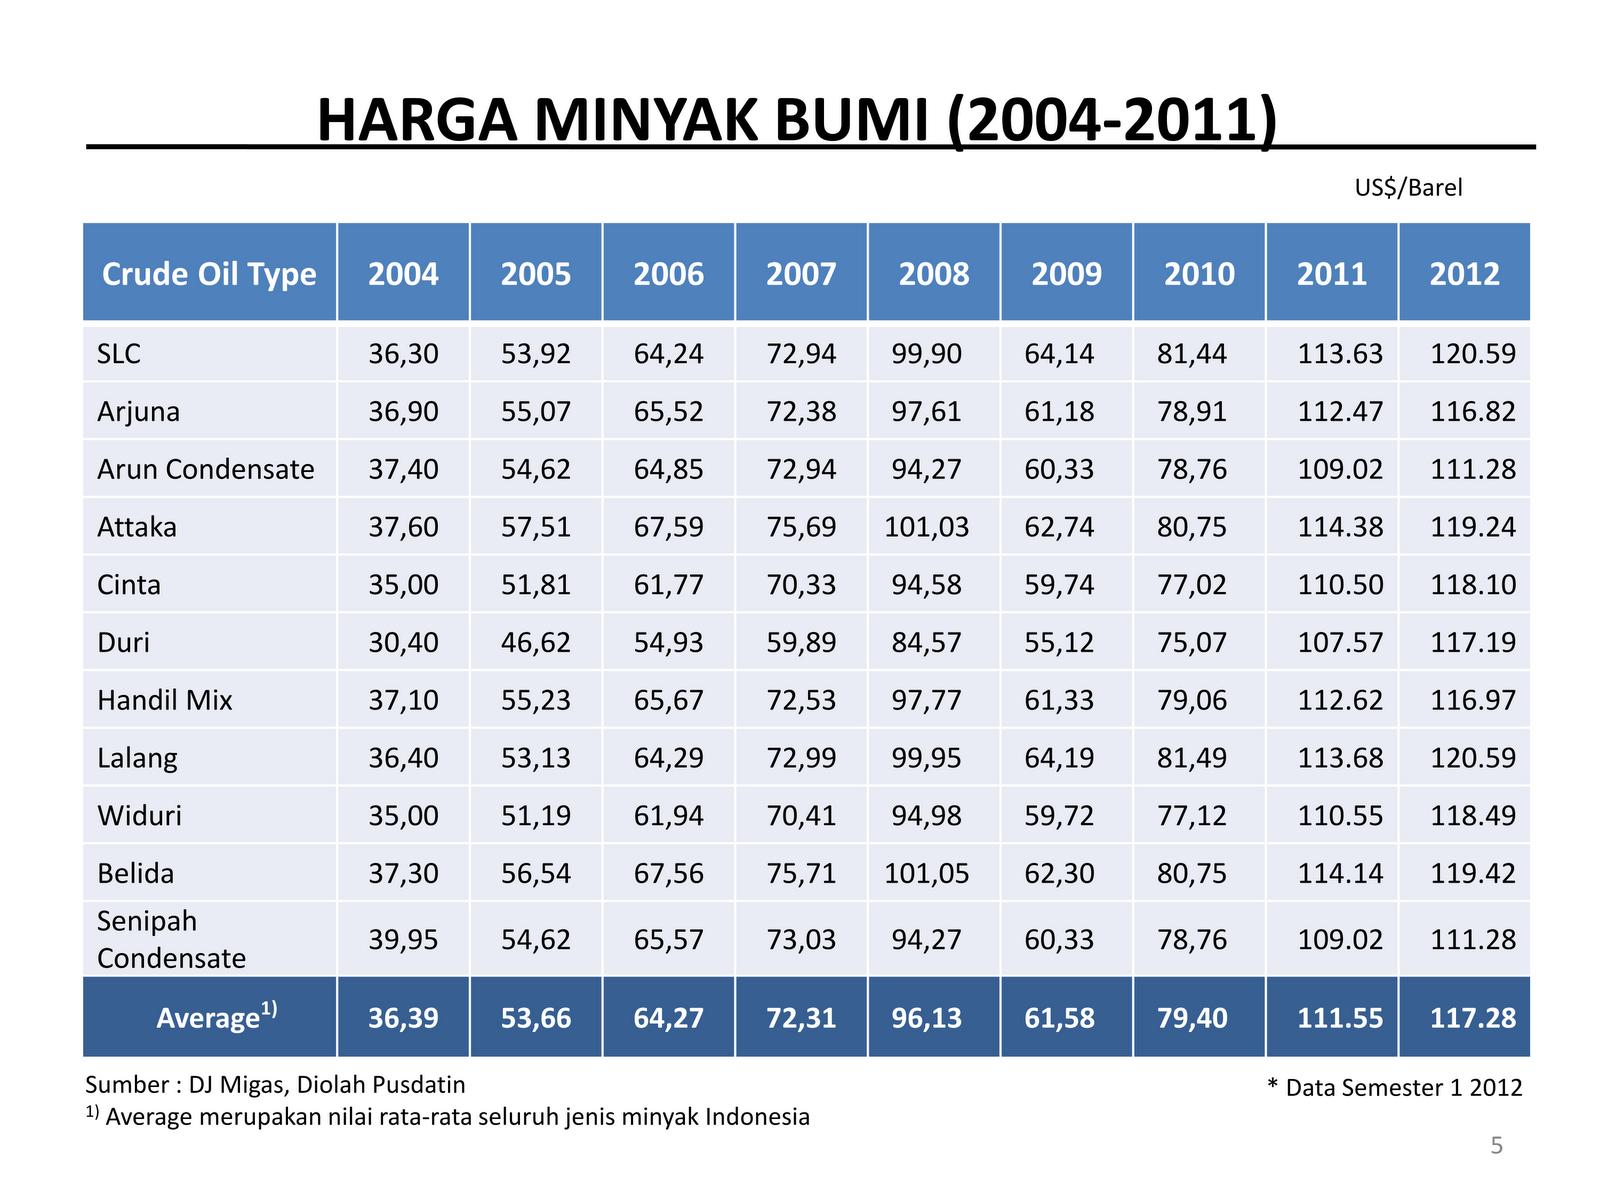 SultonyAkbar Pengertian dan Manfaat Statistika dalam